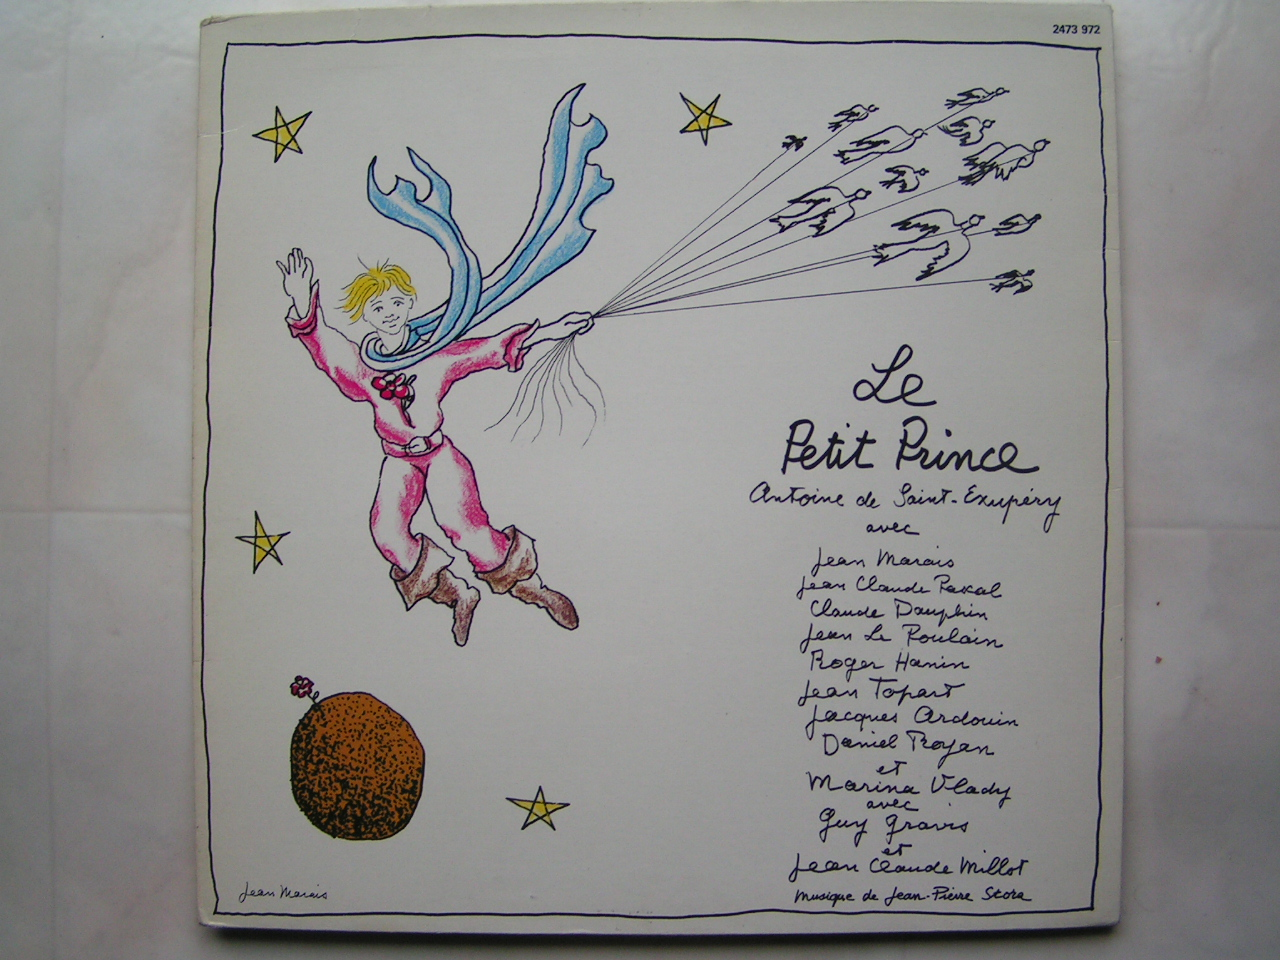 Dorothée et AB Productions - Page 3 Pict0042nq